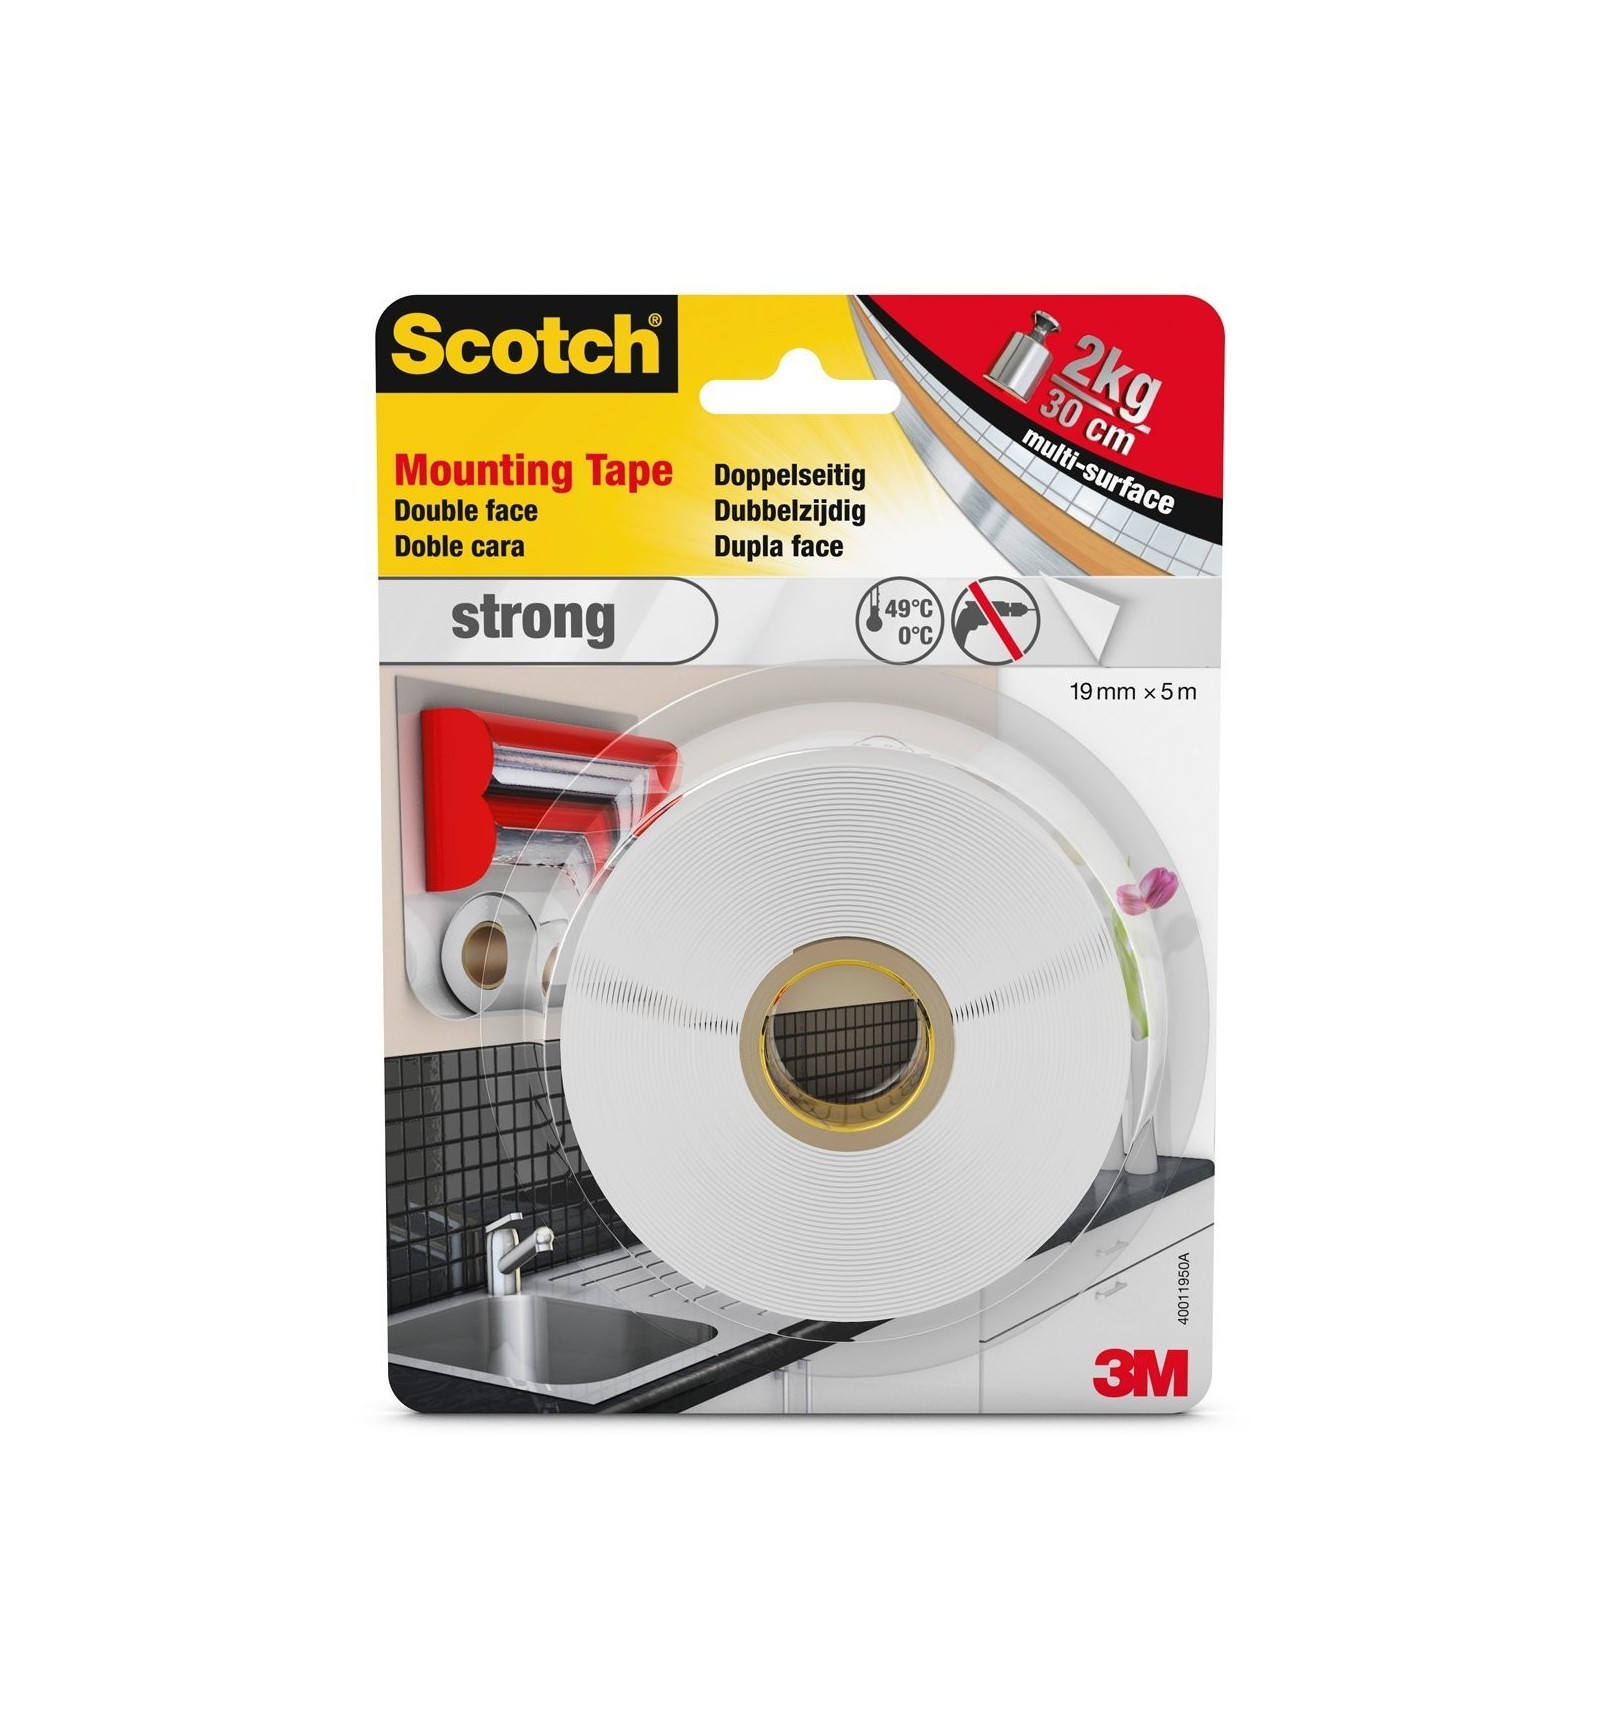 Uu008904664 cinta de doble cara montaje strong blanca - Cinta 3m doble cara ...